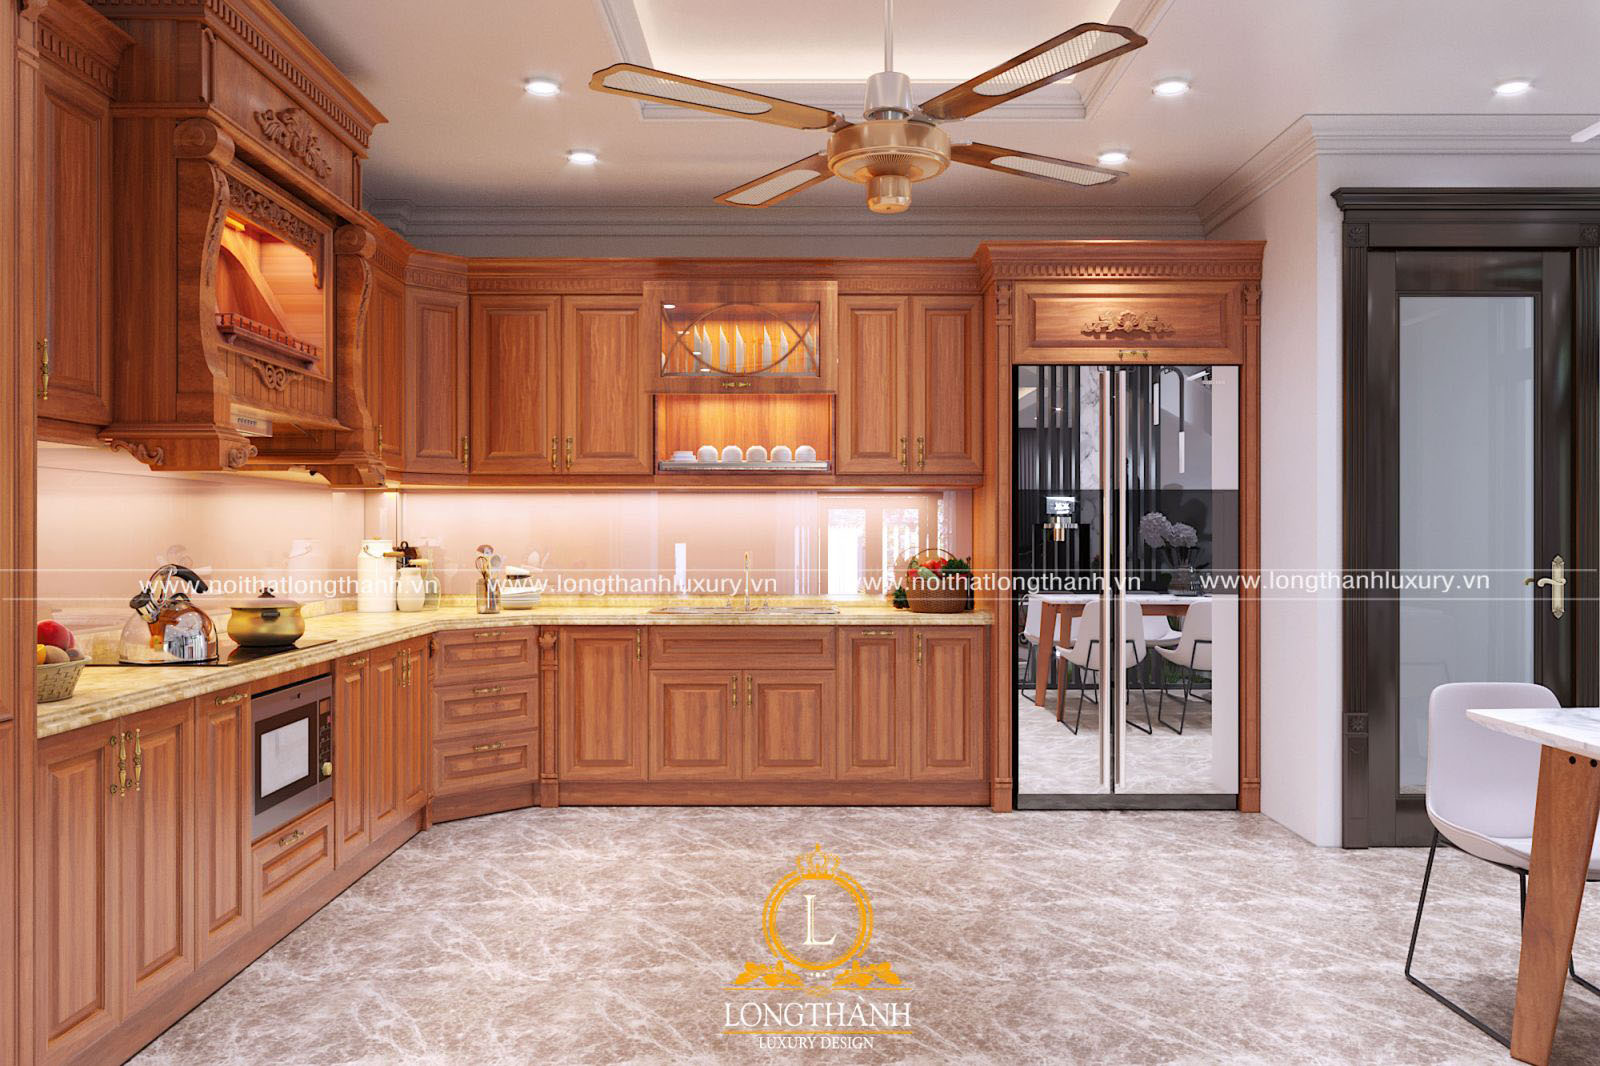 Tủ bếp gỗ Gõ đỏ với màu sắc ấn tượng